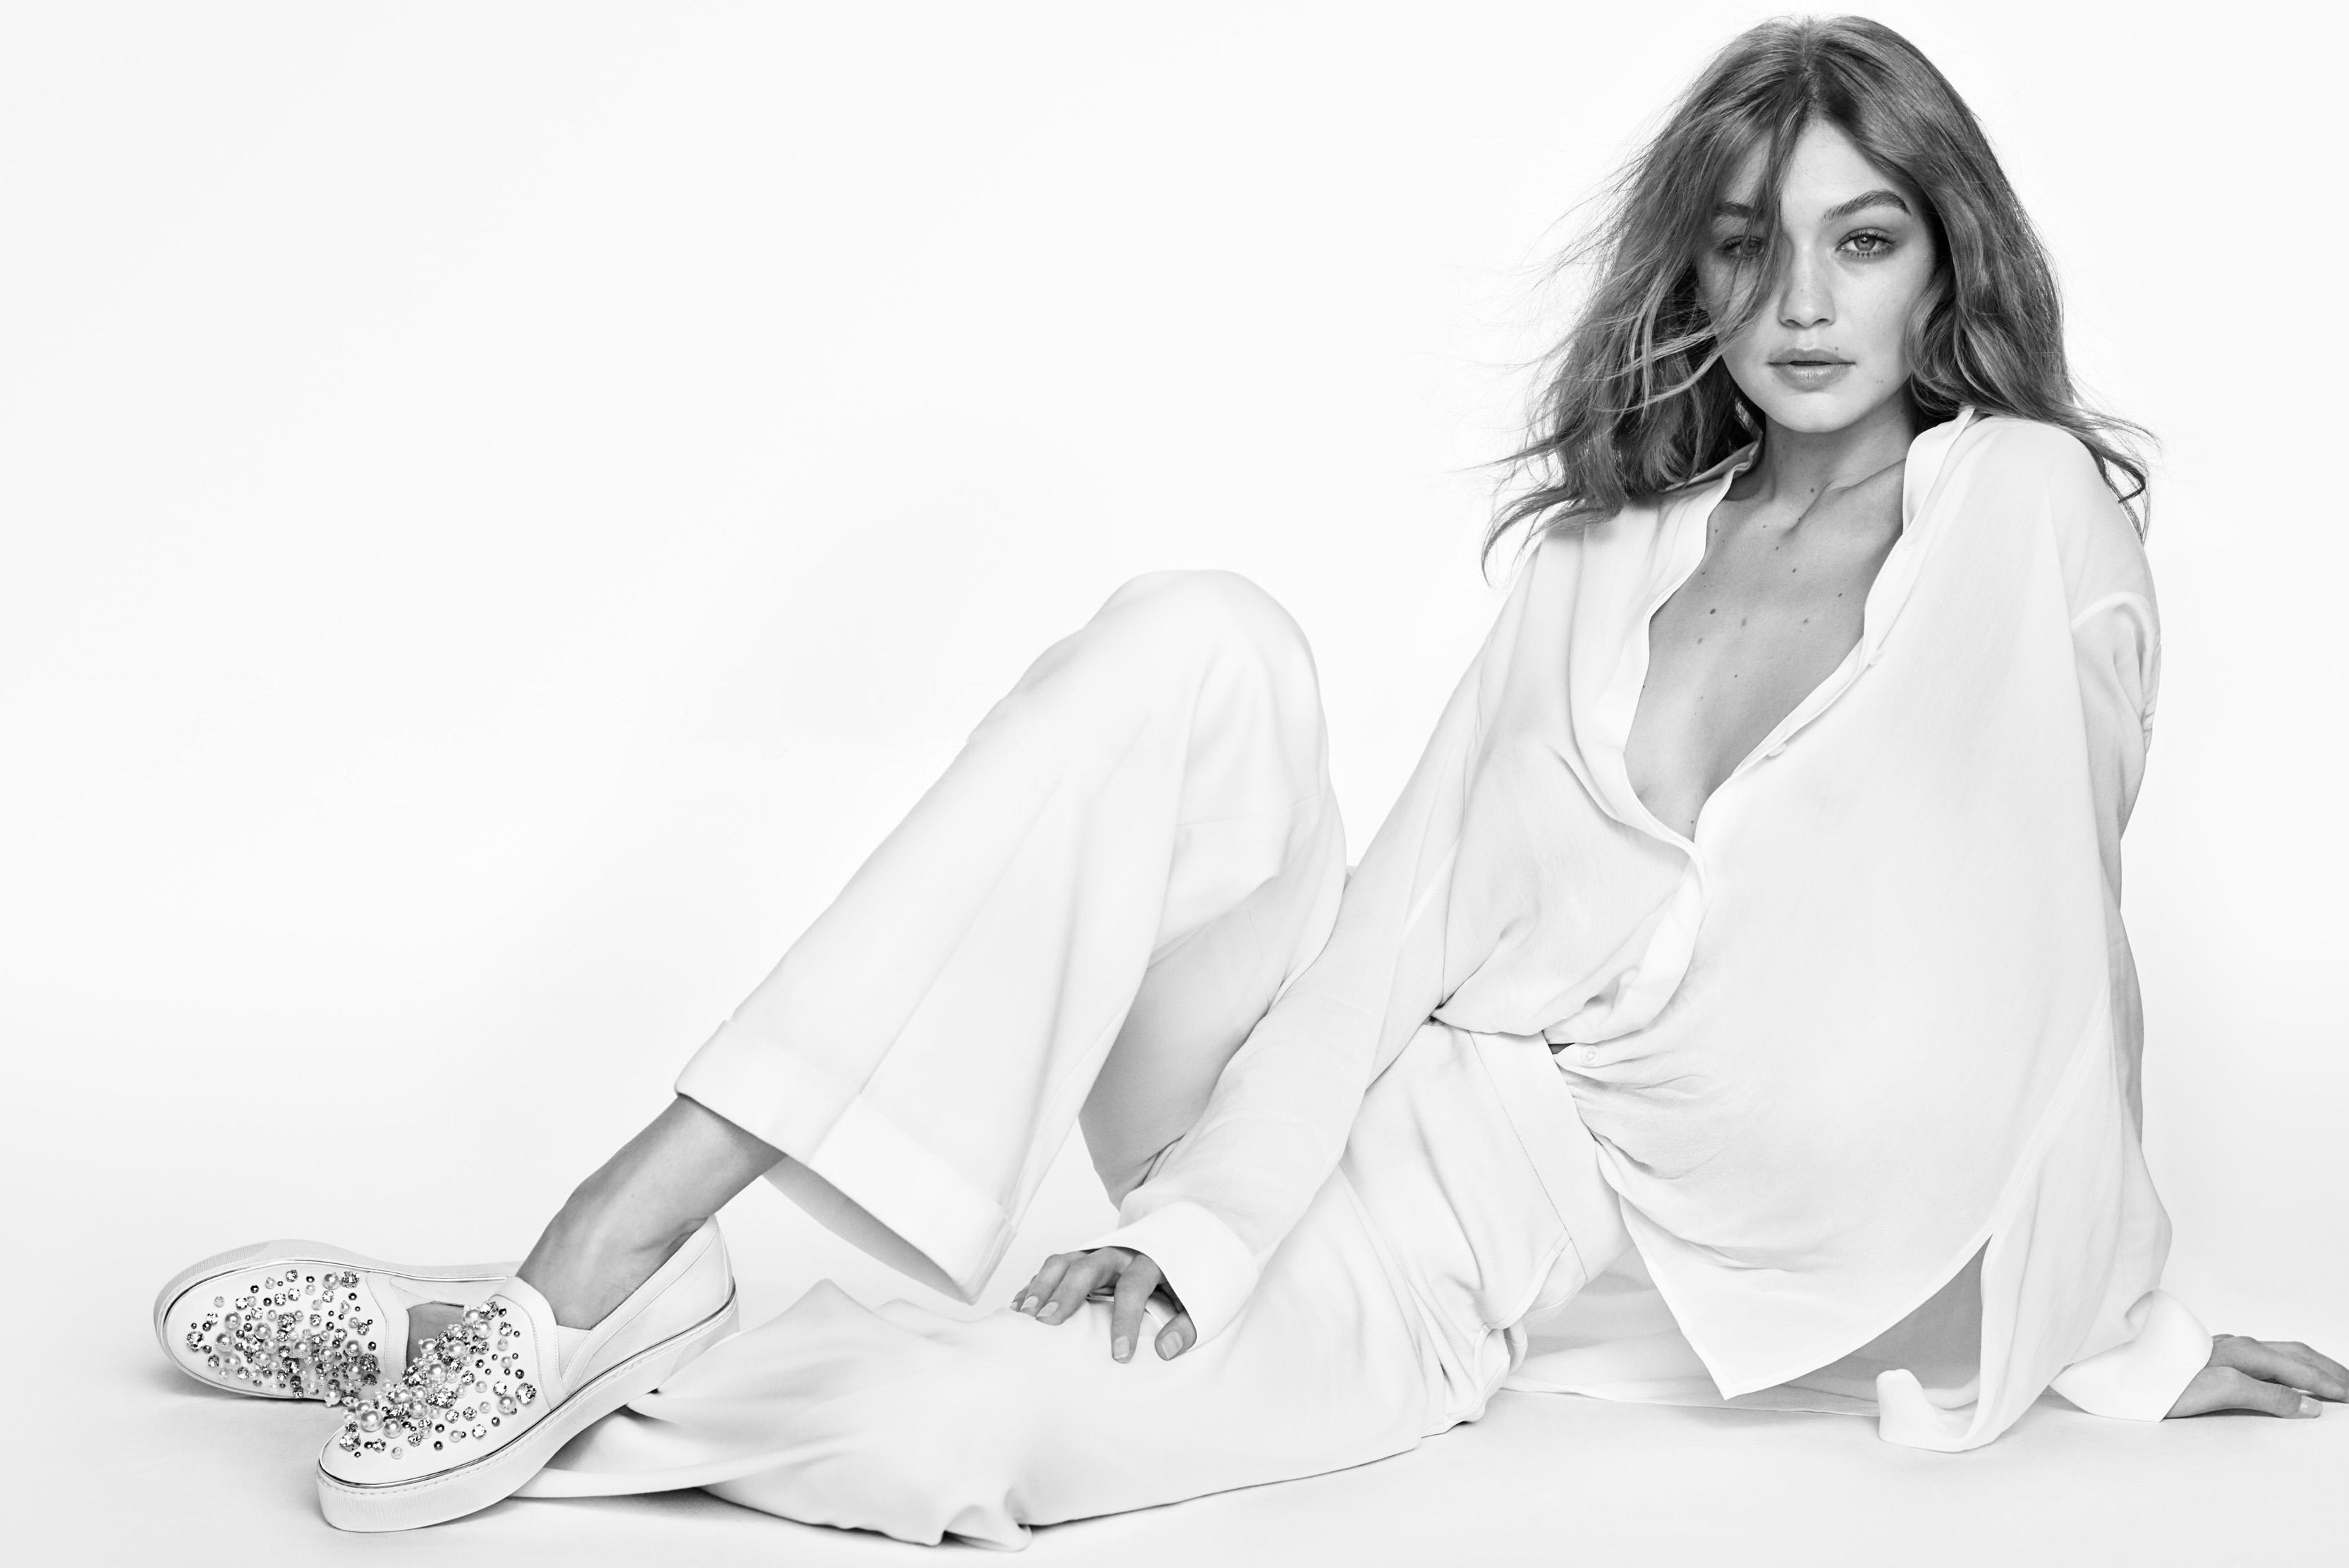 Fondos de pantalla Gigi Hadid blanco y negro